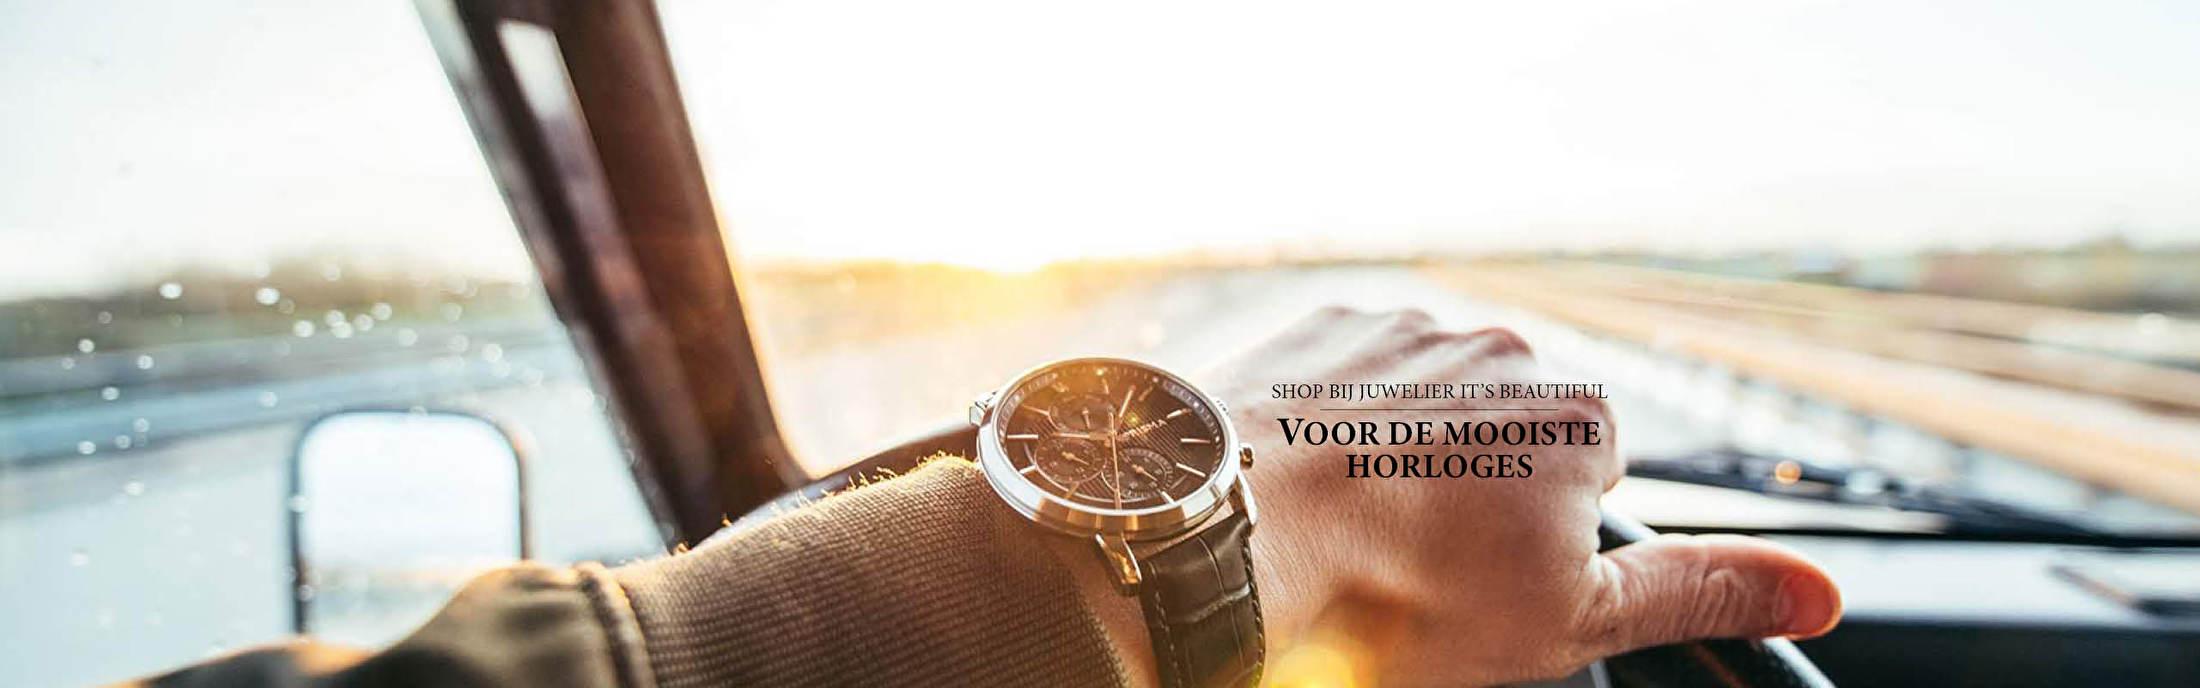 Shop bij juwelier It's Beautiful voor de mooiste horloges